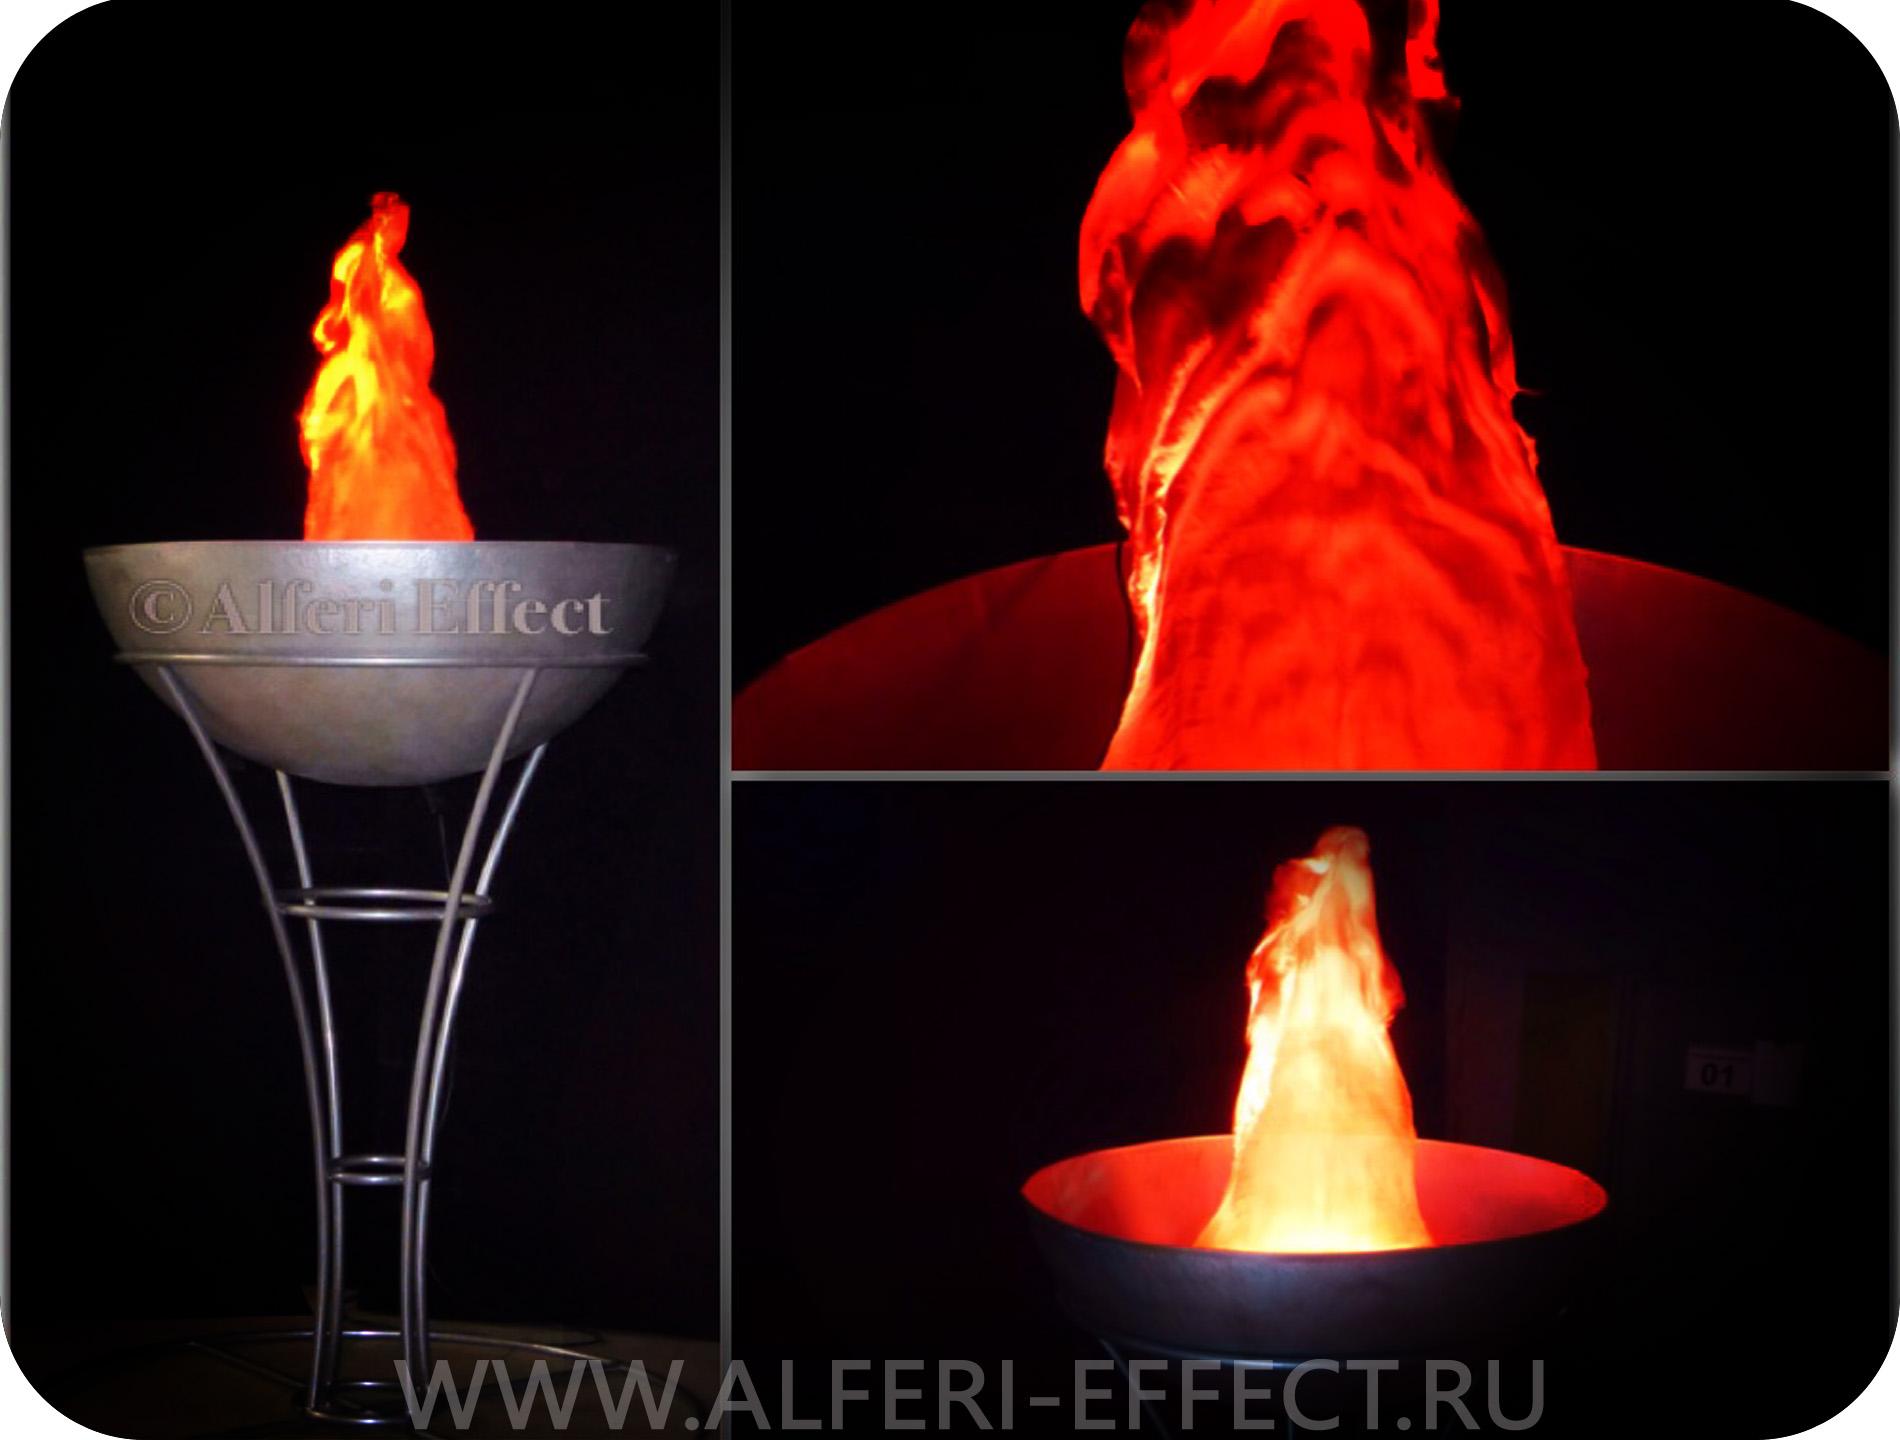 Олимпийская чаша с имитацией огня от Альфери Эффект